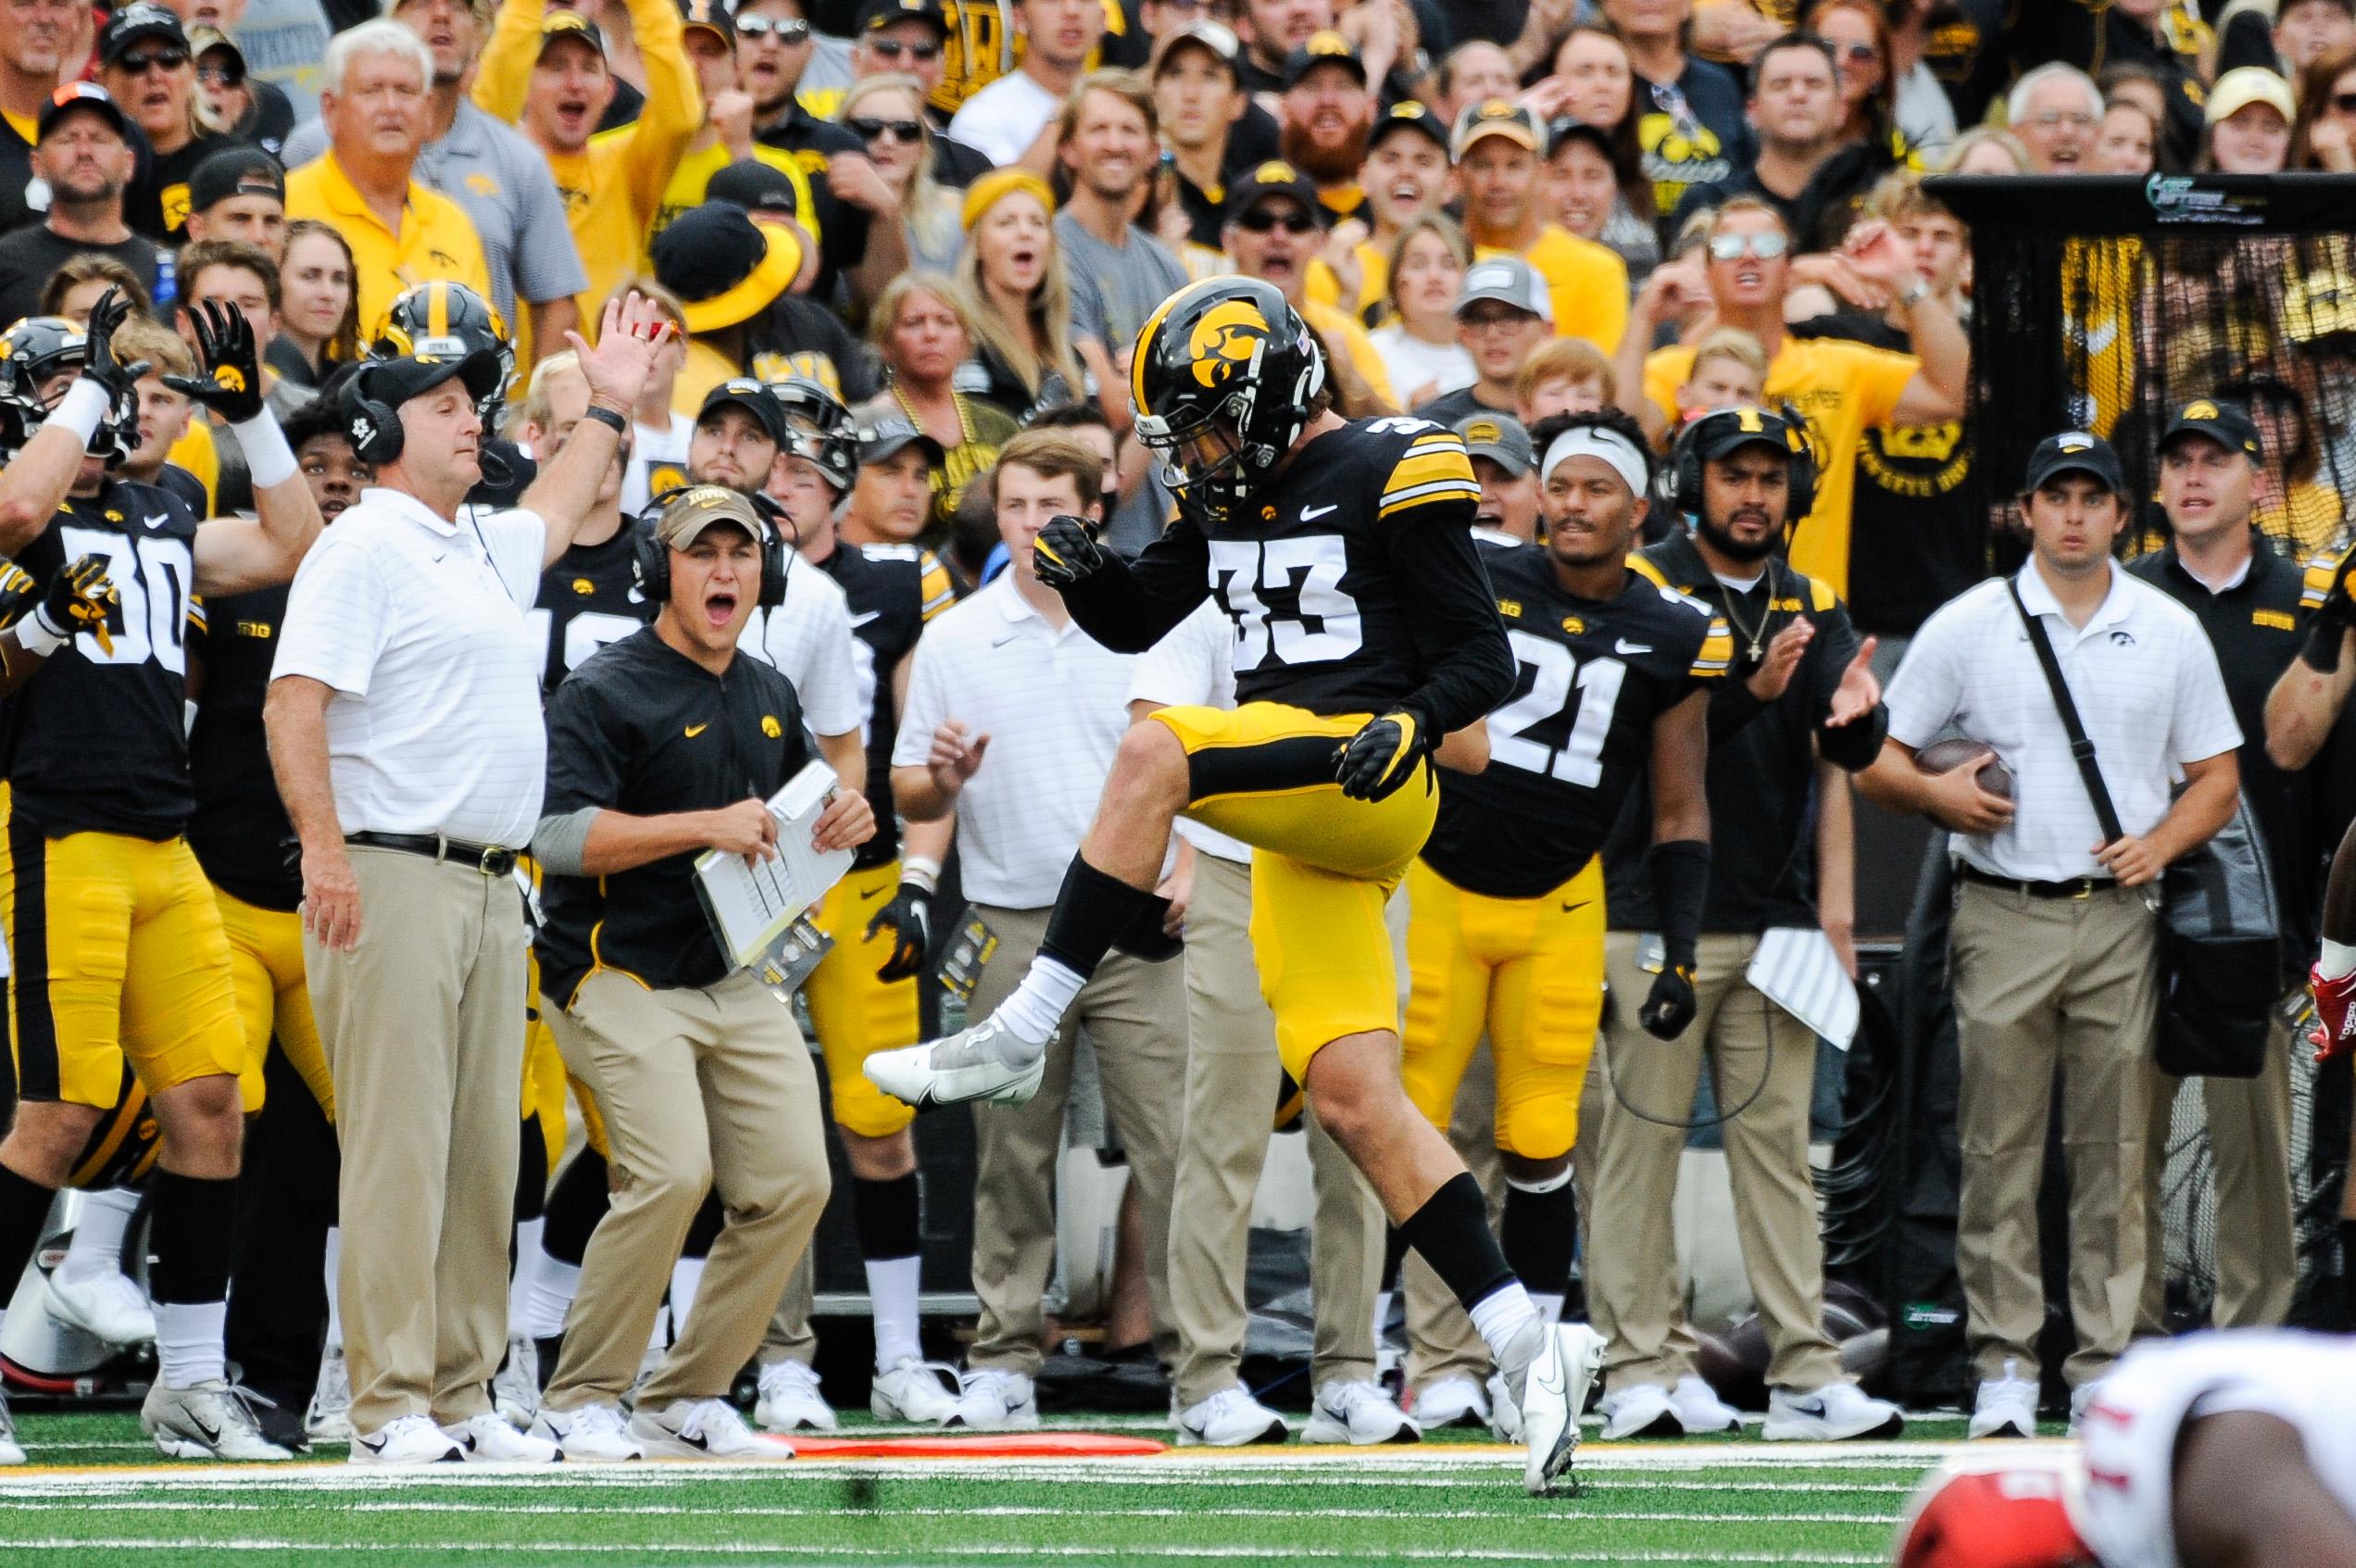 NCAA Football: Indiana at Iowa